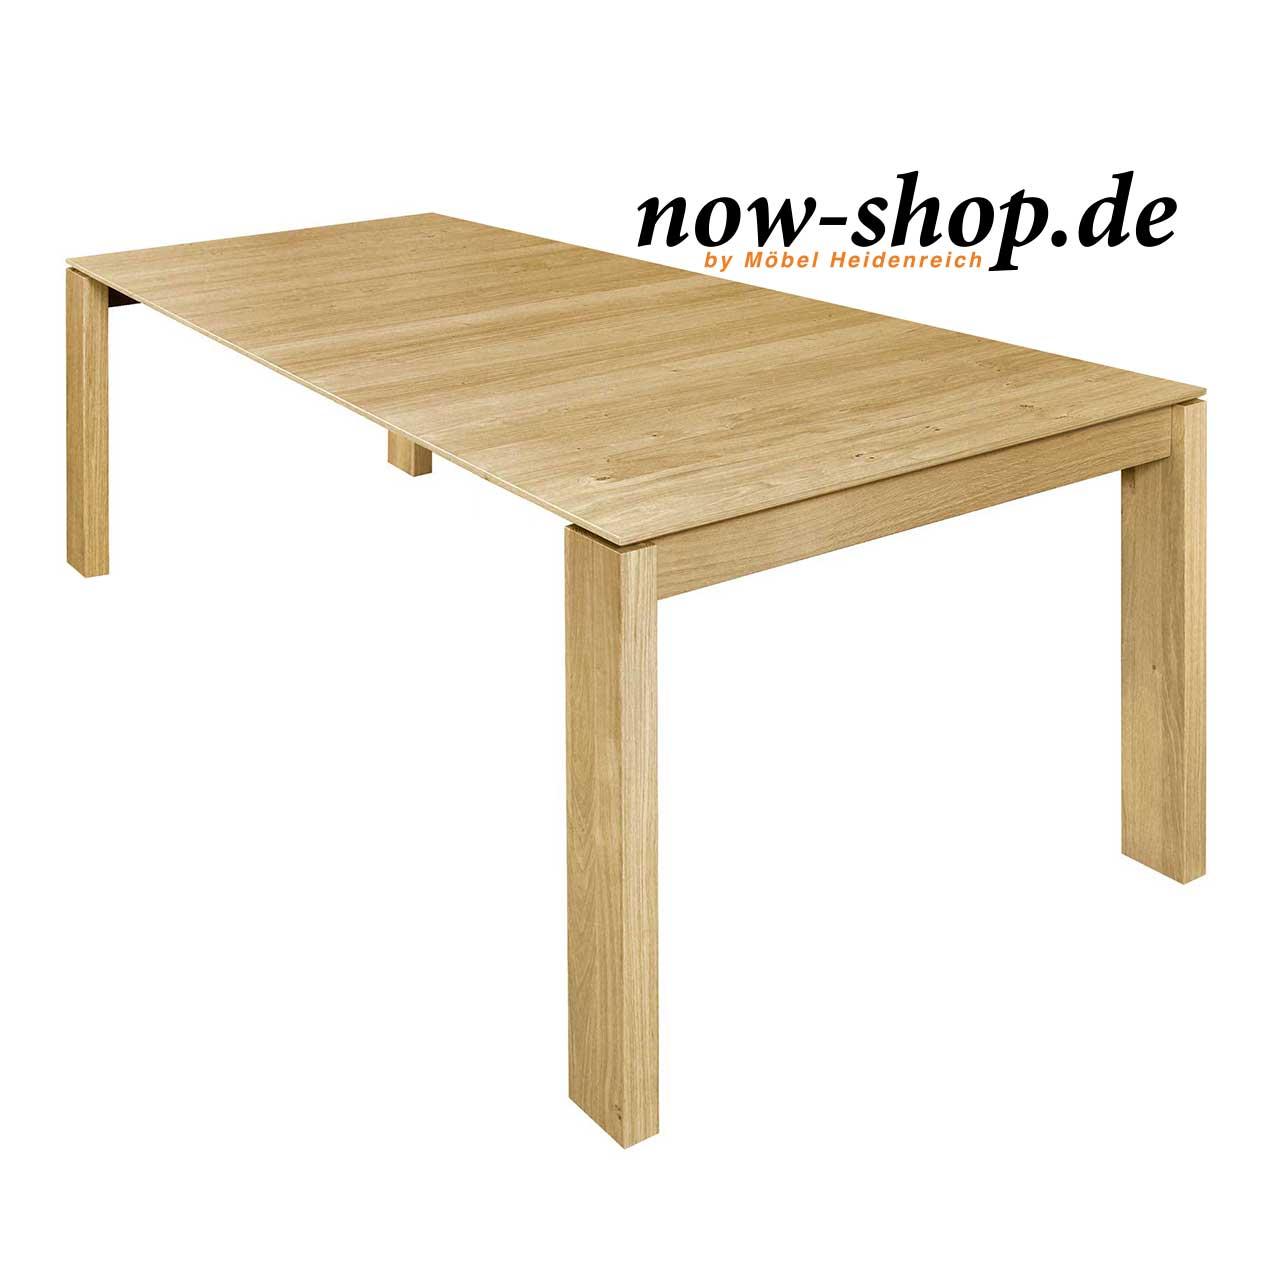 Hülsta esstisch glas weiss  now by hülsta dining Esstisch ET20   now-shop